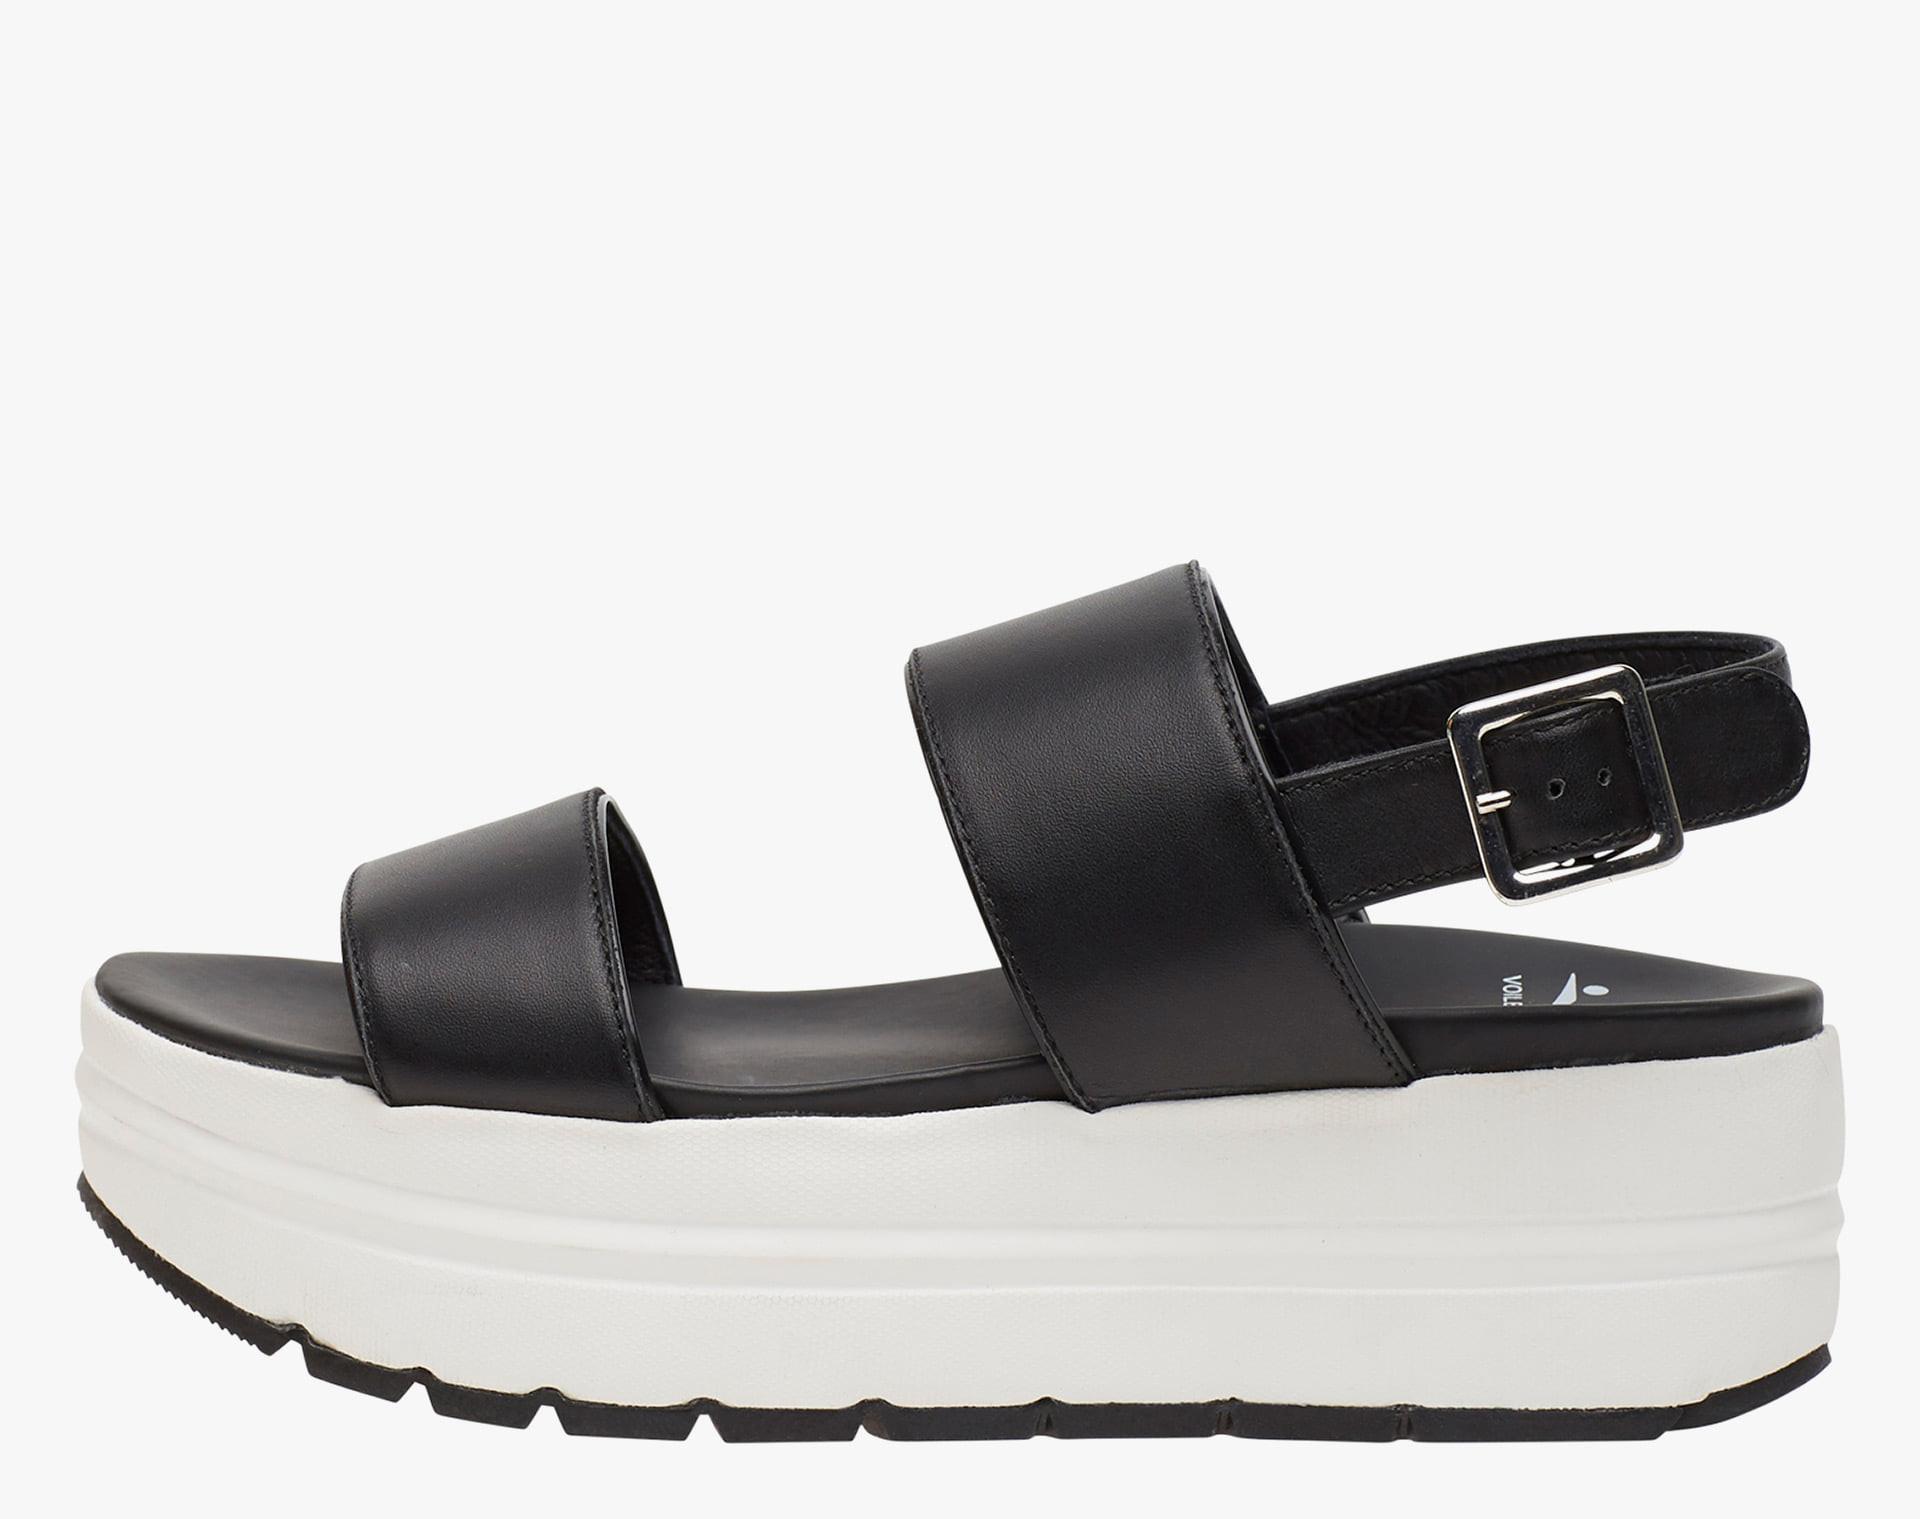 SUZY - Sandalo con doppia fascia - Nero